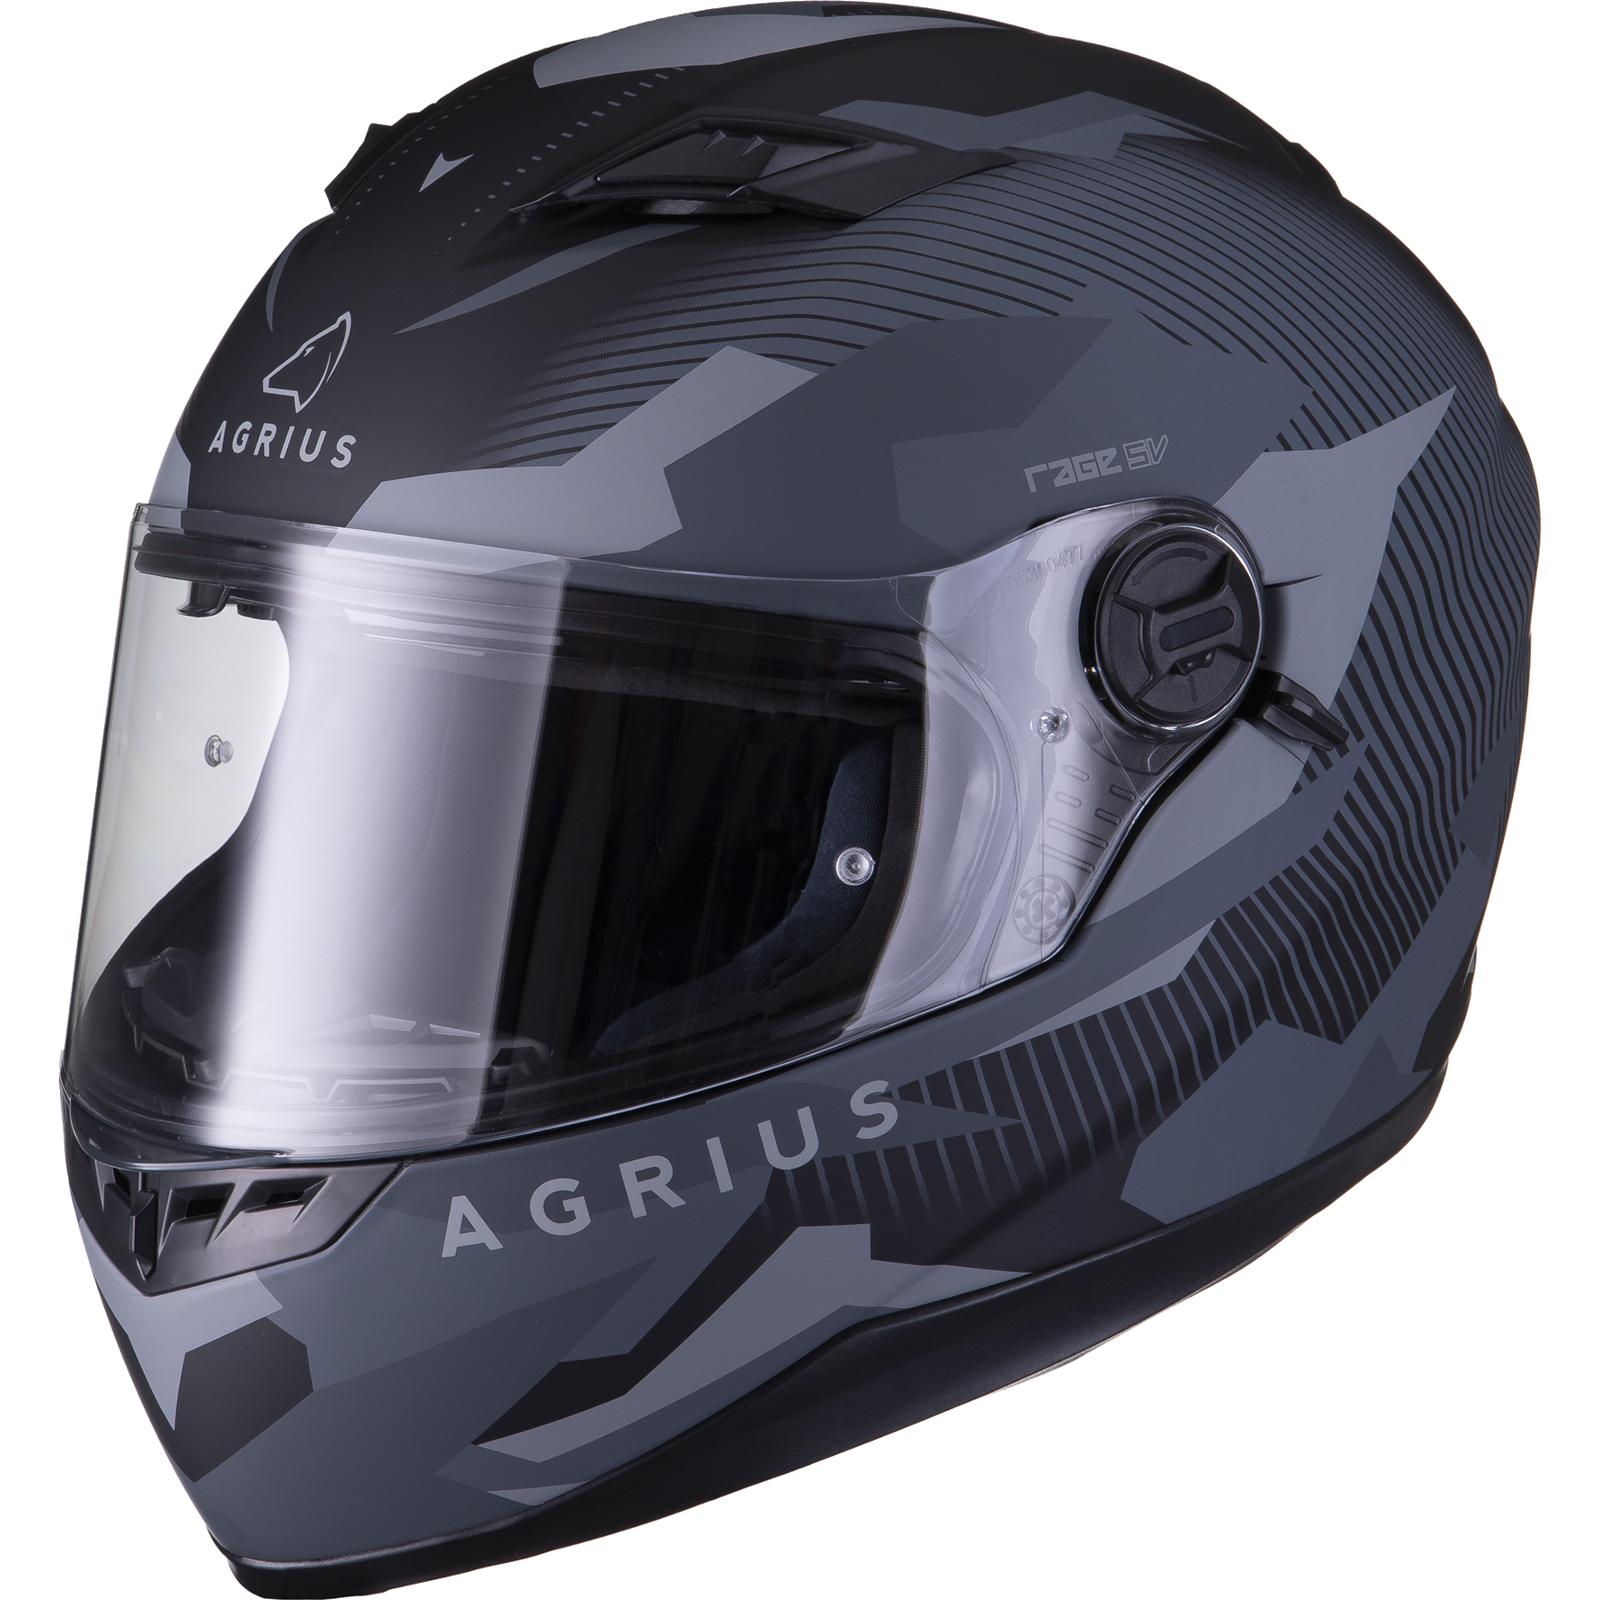 Agrius-Rage-SV-Tracker-Full-Face-Motorcycle-Matt-Helmet-bike-Road-Bike-Scooter thumbnail 13